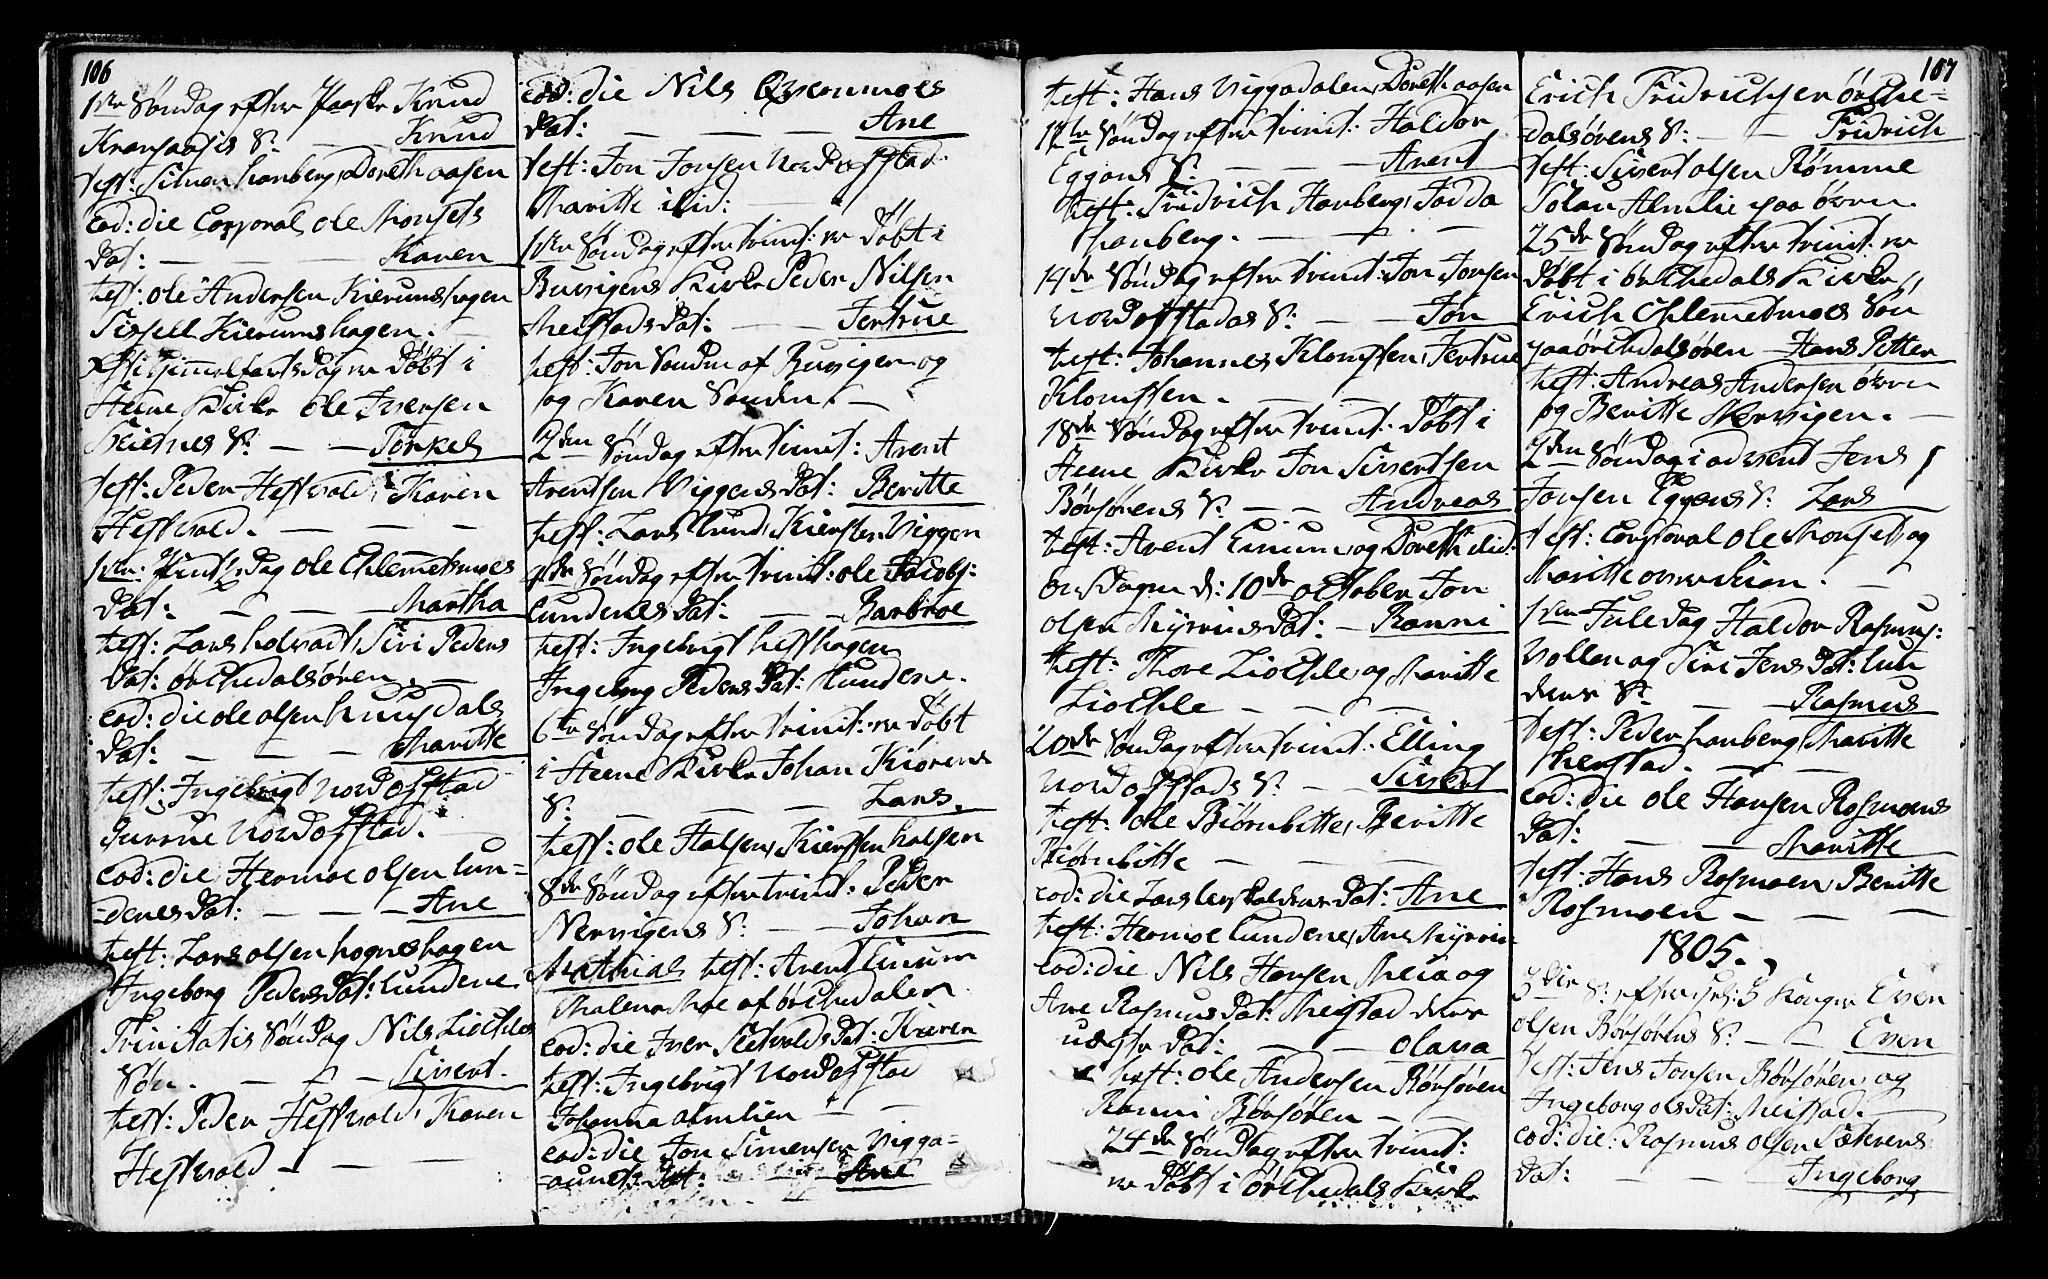 SAT, Ministerialprotokoller, klokkerbøker og fødselsregistre - Sør-Trøndelag, 665/L0769: Ministerialbok nr. 665A04, 1803-1816, s. 106-107